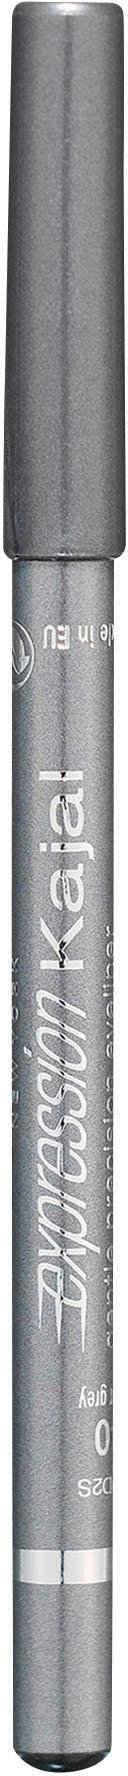 MAYBELLINE NEW YORK Kajal »Expression Kajal Eye Liner«, Holzstift mit feiner Mine